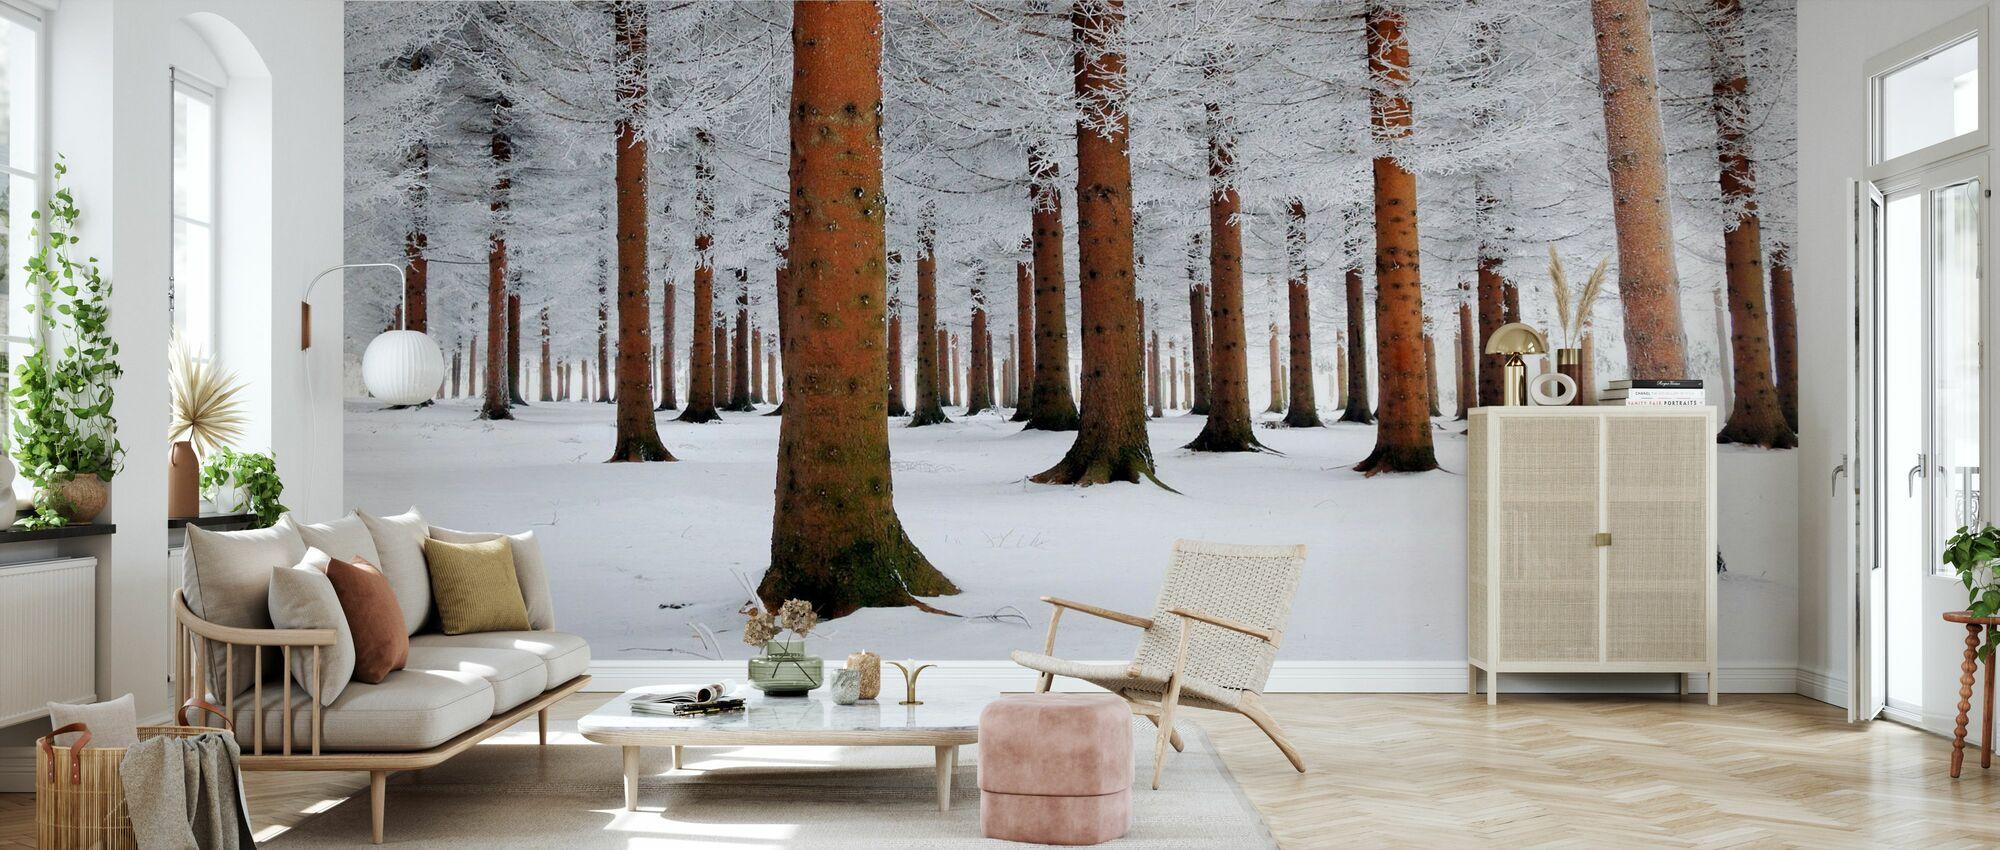 White Forest - Wallpaper - Living Room